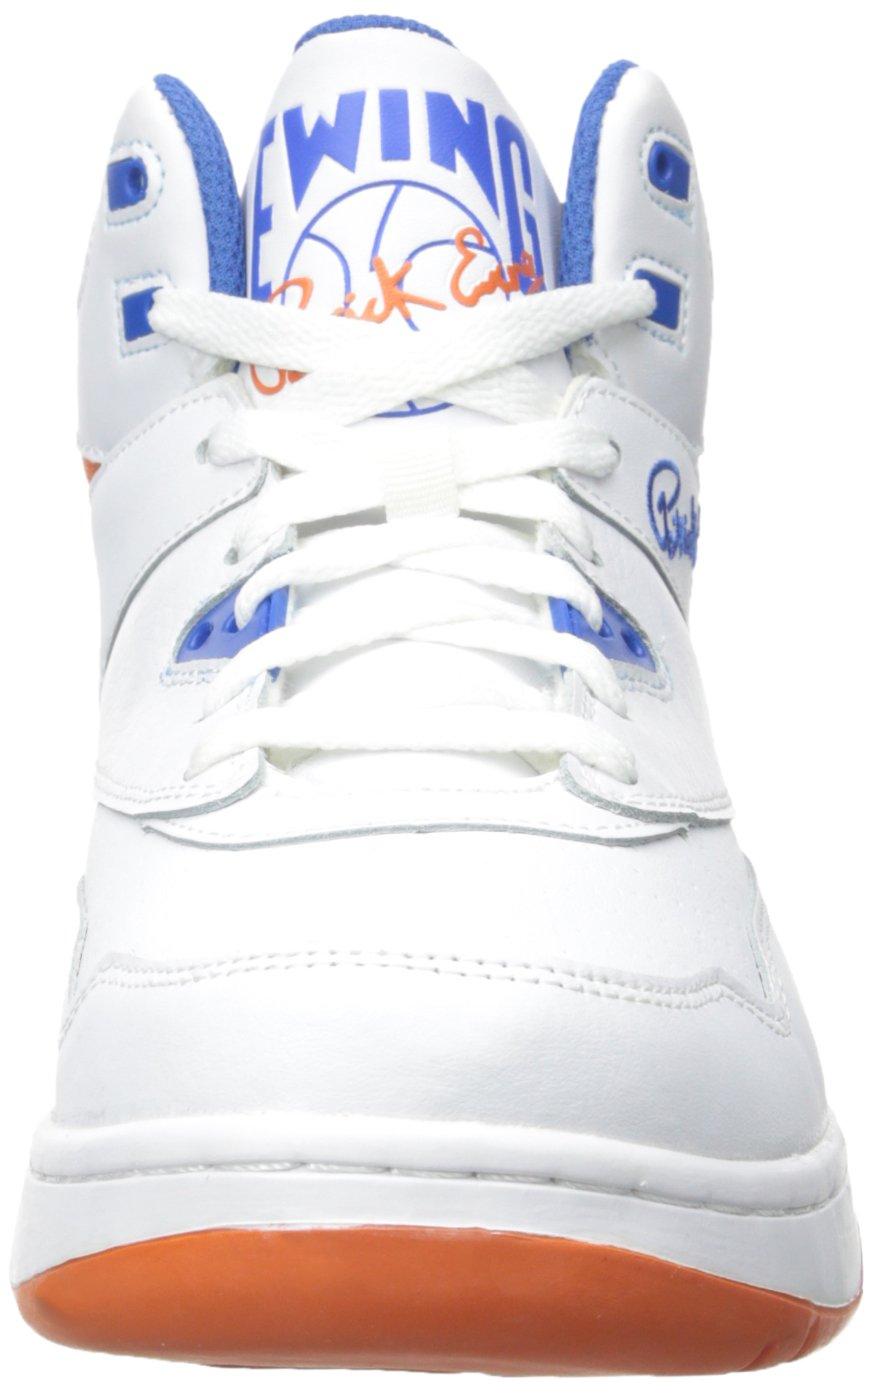 Patrick Ewing GUARD Zapatillas Sneakers Cuero Blanco Azul Naranja para Hombre Baloncesto: Amazon.es: Deportes y aire libre